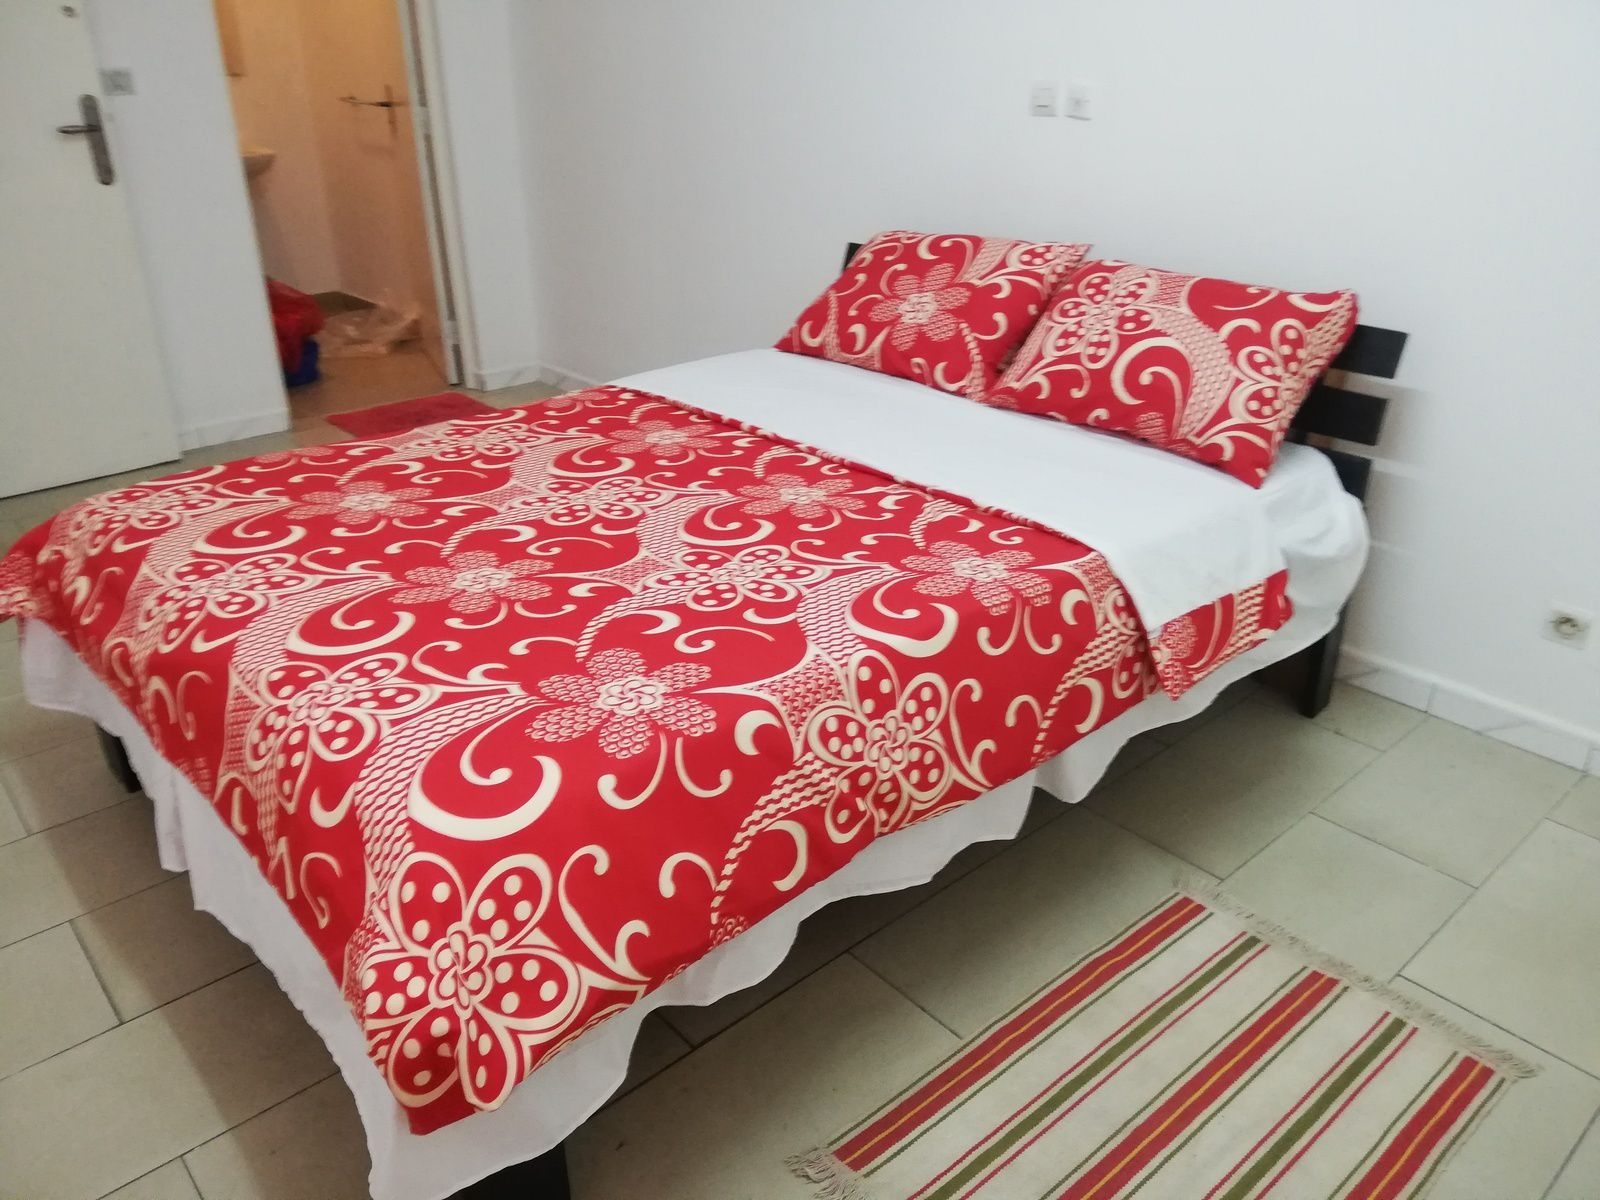 Appartement meublé de 2 pièces aux 2 plateaux Aghien, 35 000 f par jour. Possibilité de forfait.